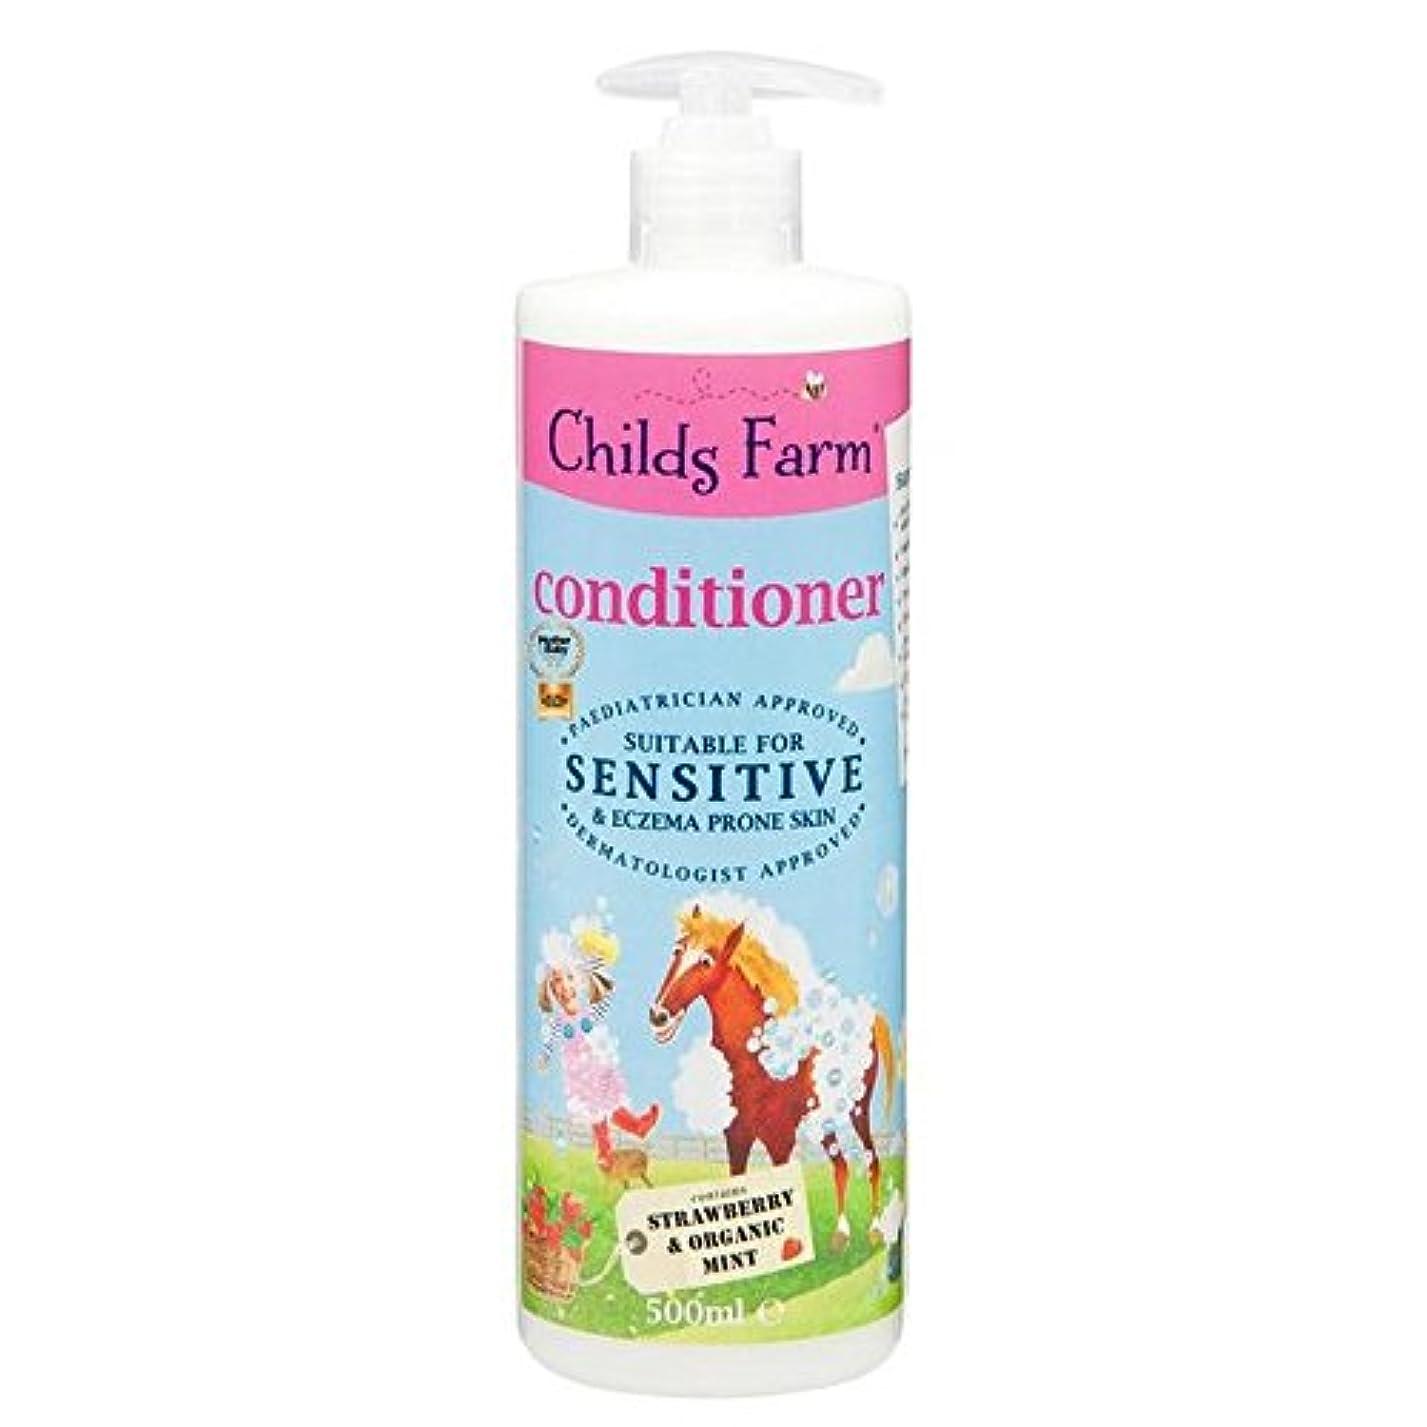 とげのある守銭奴貪欲Childs Farm Conditioner for Unruly Hair 500ml (Pack of 6) - 手に負えない髪の500ミリリットルのためのチャイルズファームコンディショナー x6 [並行輸入品]